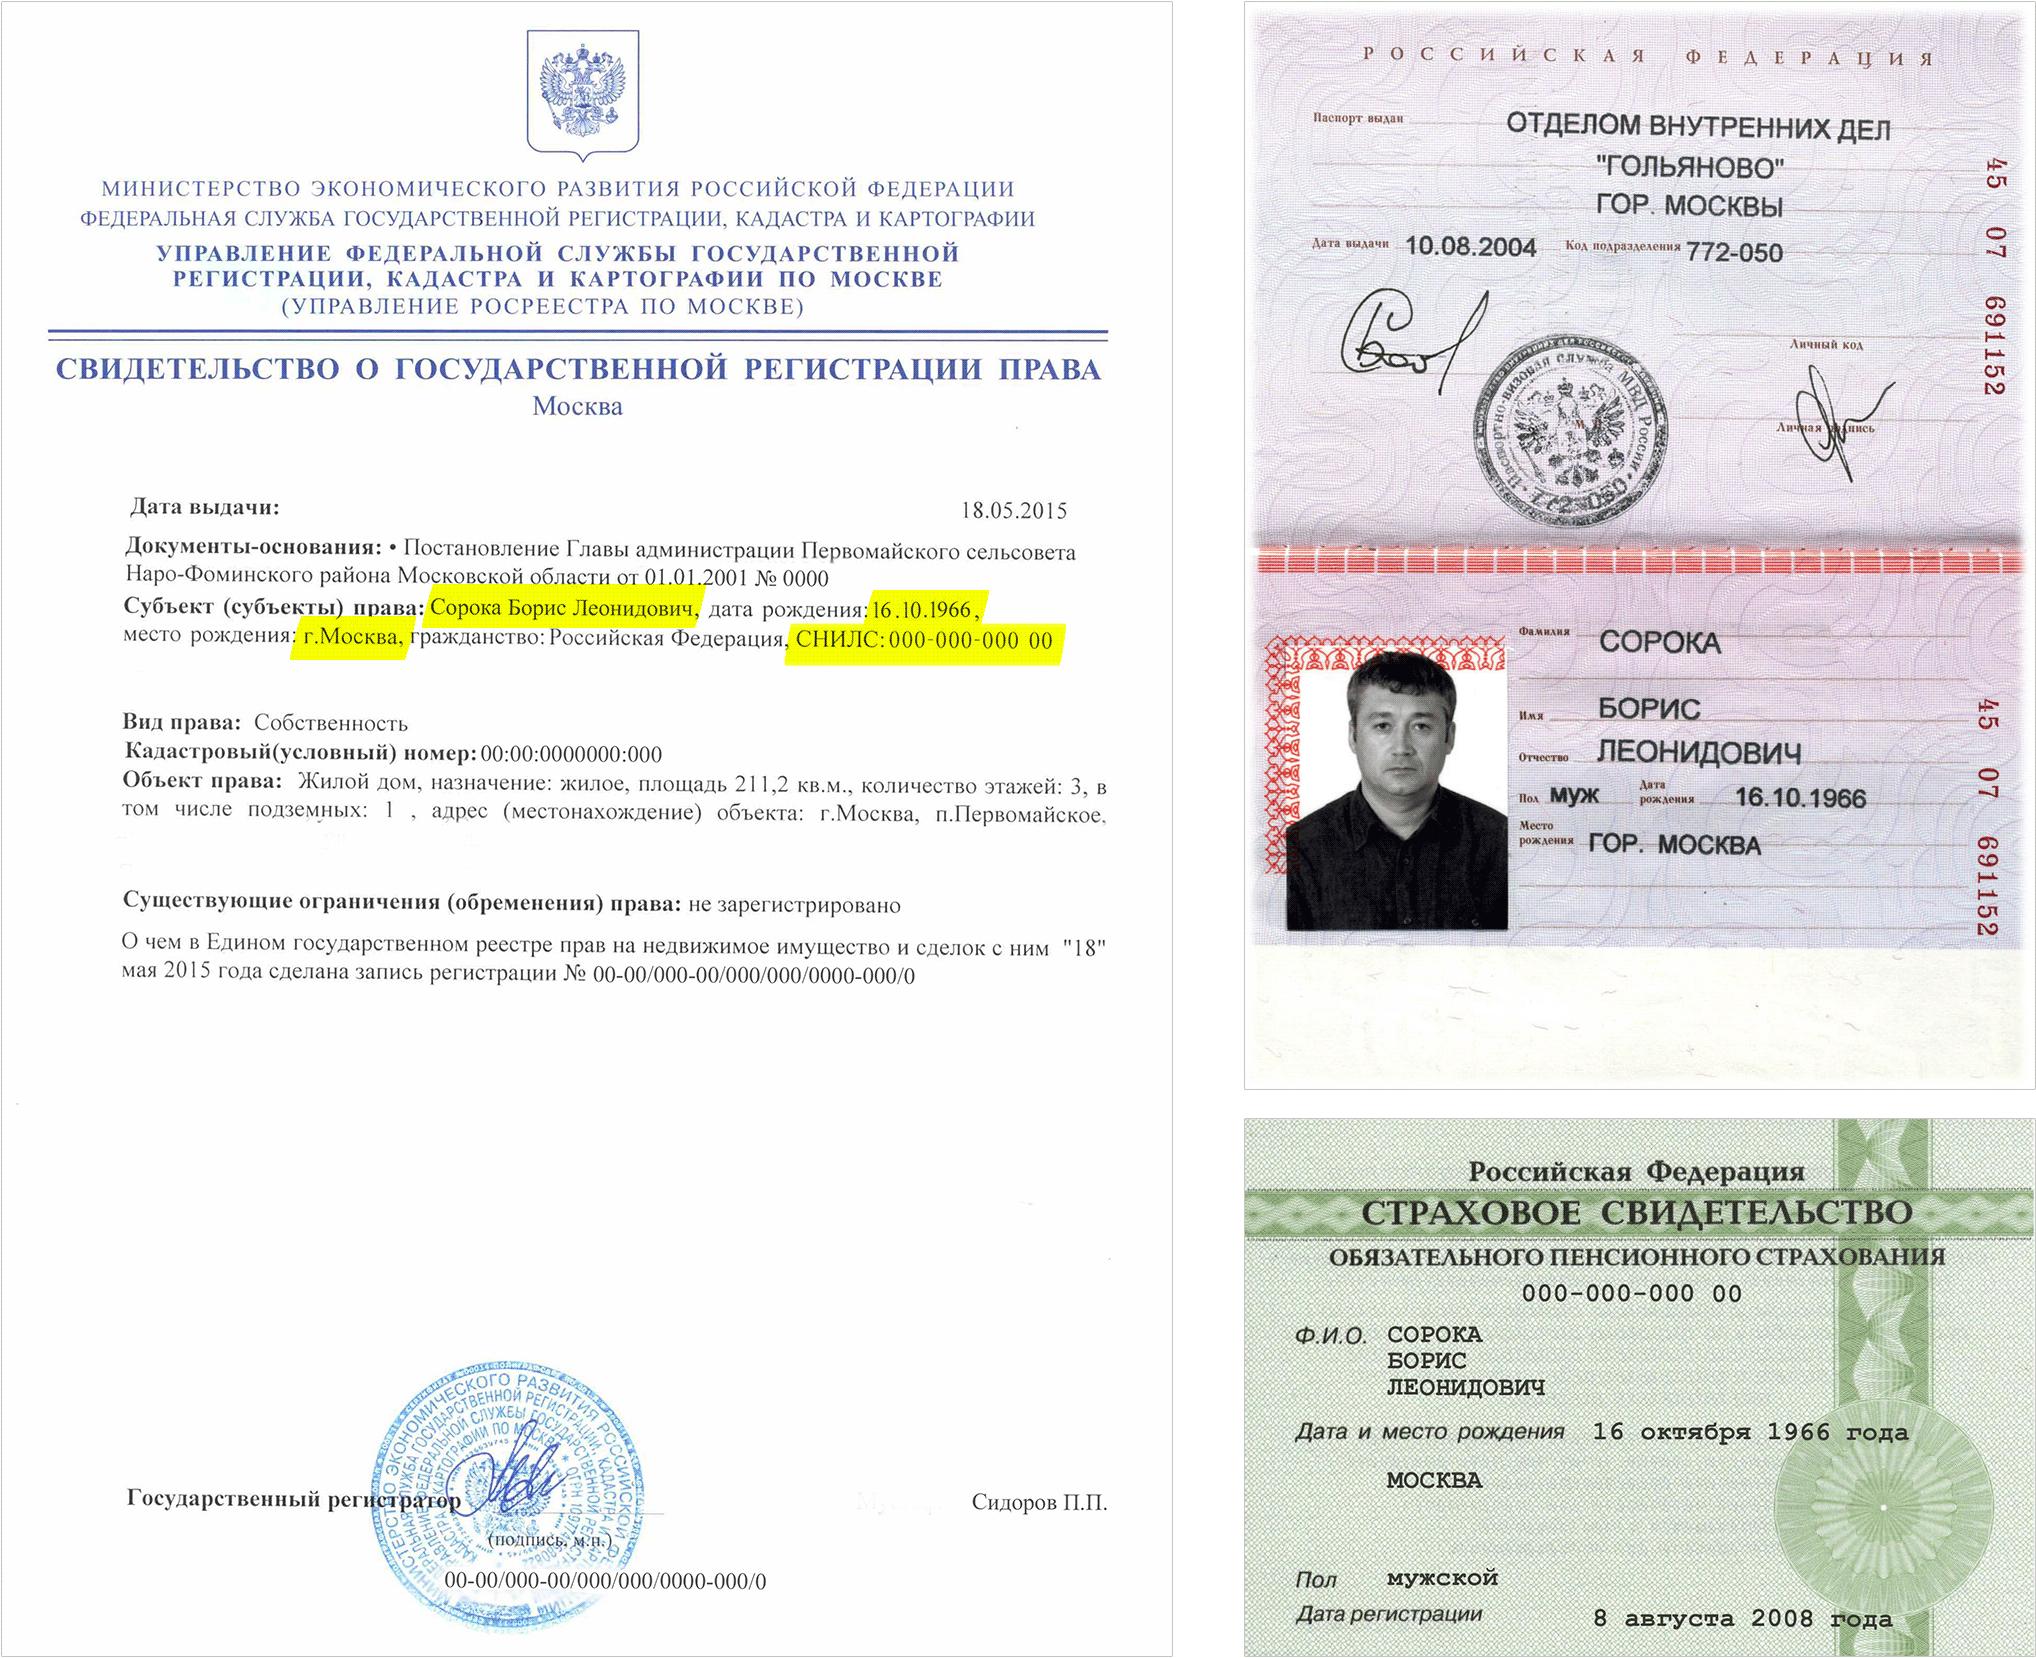 Сверяйте данные в свидетельстве с паспортом хозяина квартиры и с номером страхового свидетельства обязательного пенсионного страхования (СНИЛС)